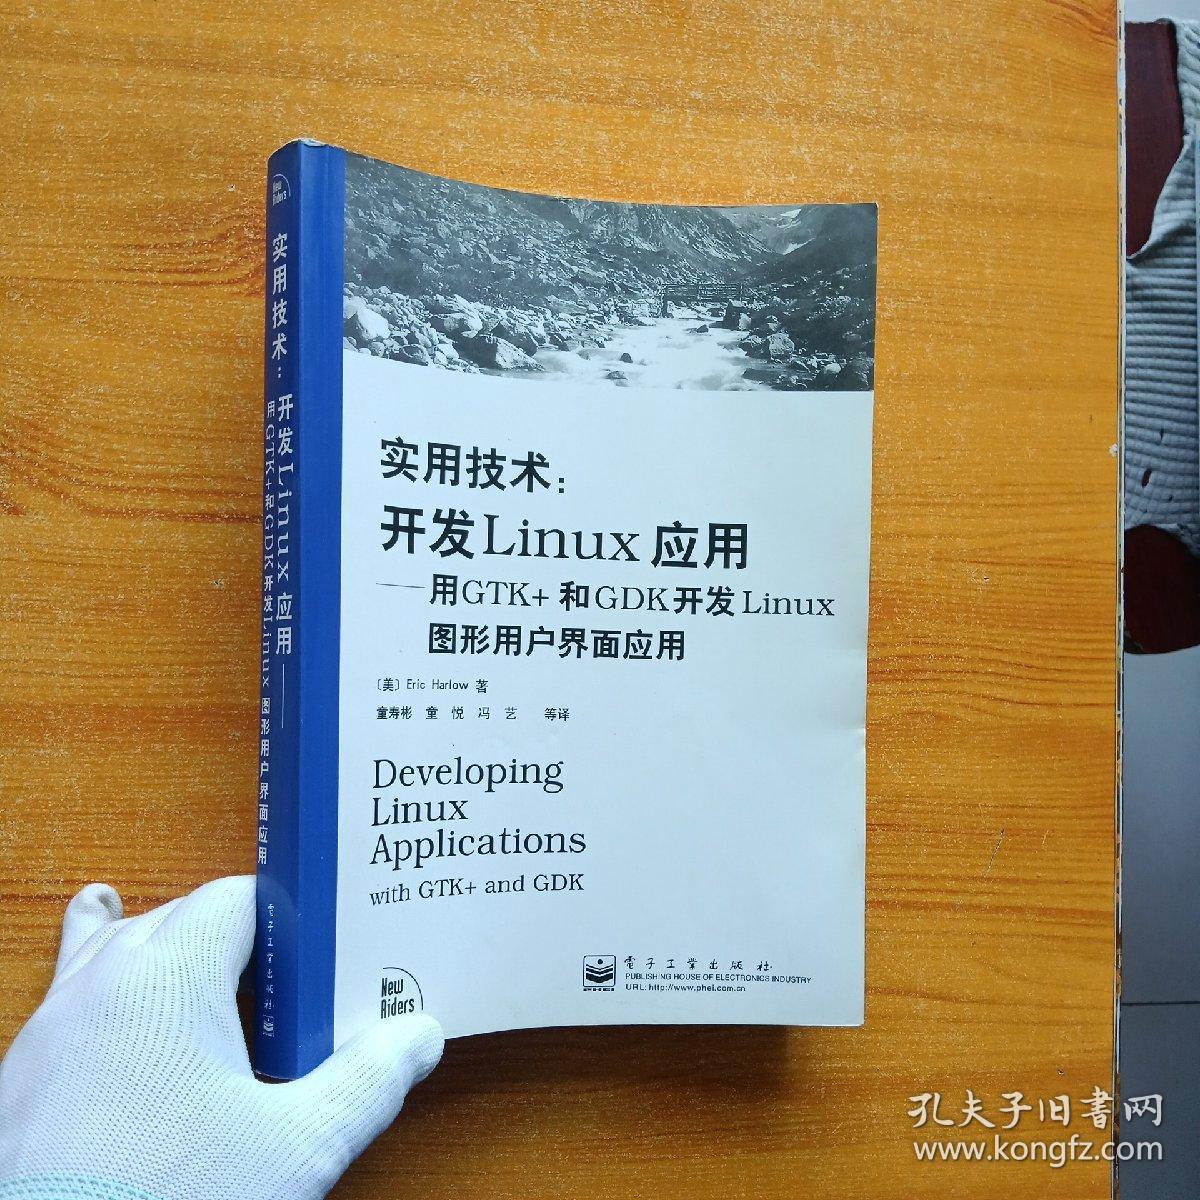 开发Linux应用--用GTK+和GDK开发Linux图形用户界面应用【扉页和书口处有藏书者签名  内页干净】